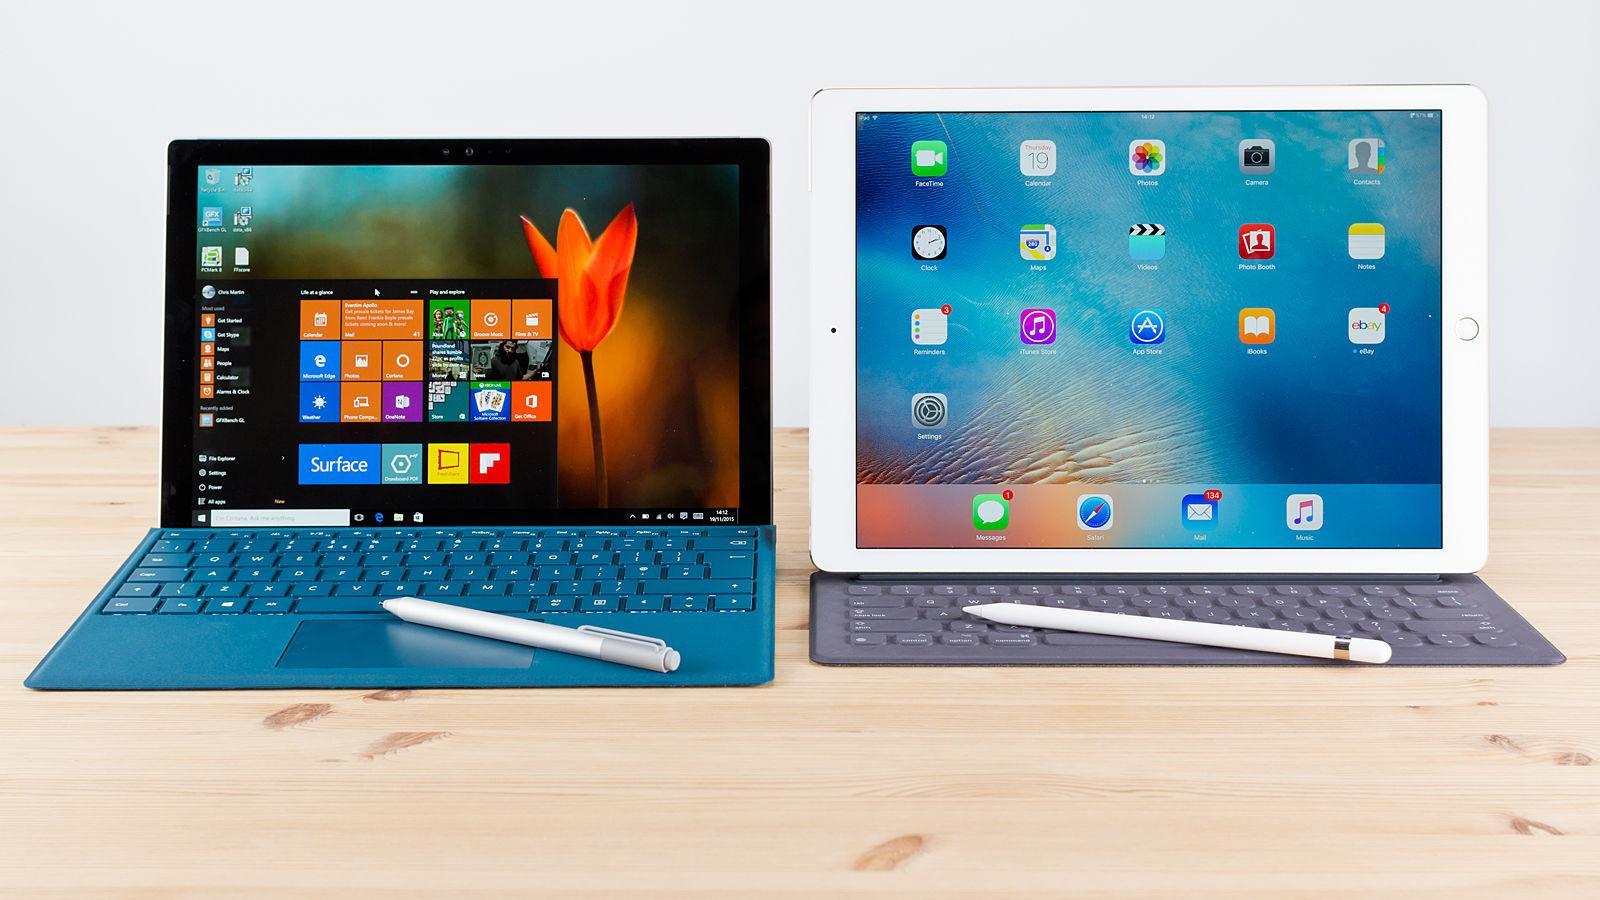 macbook desktop wallpaper dimensions